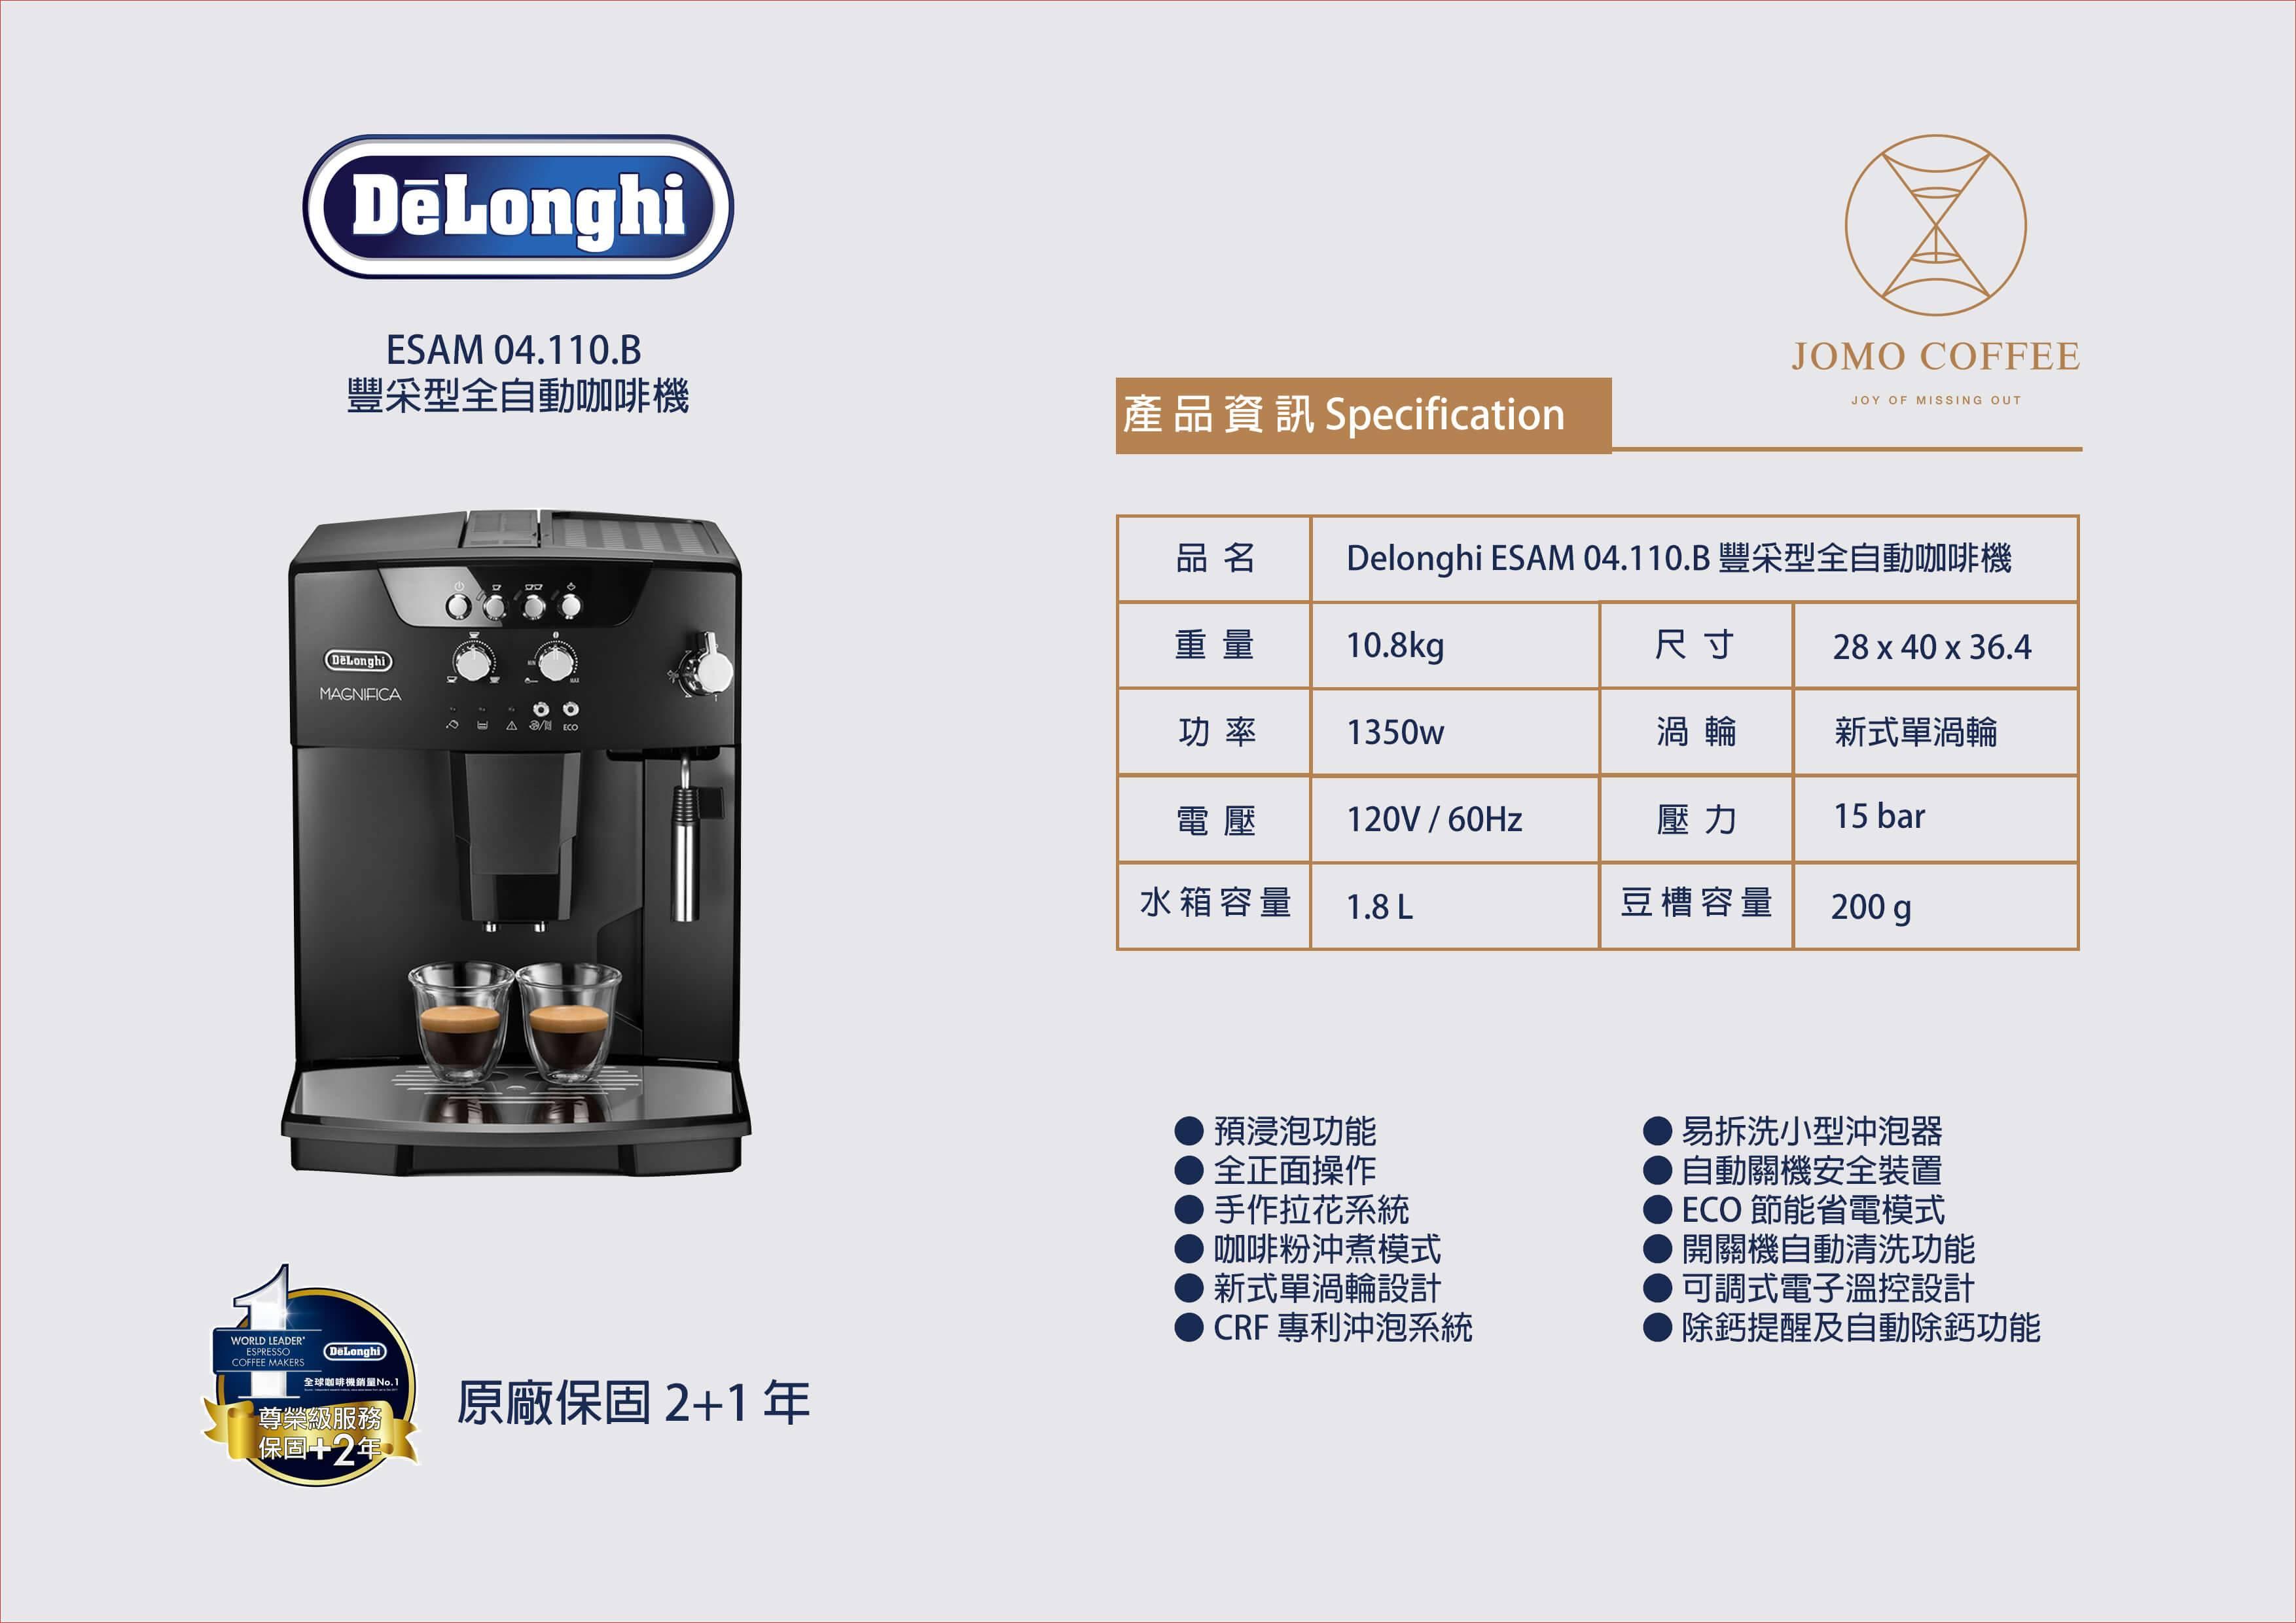 Кофемашины delonghi esam 2600, magnifica, 3000, 3500, caffe corso: отзывы